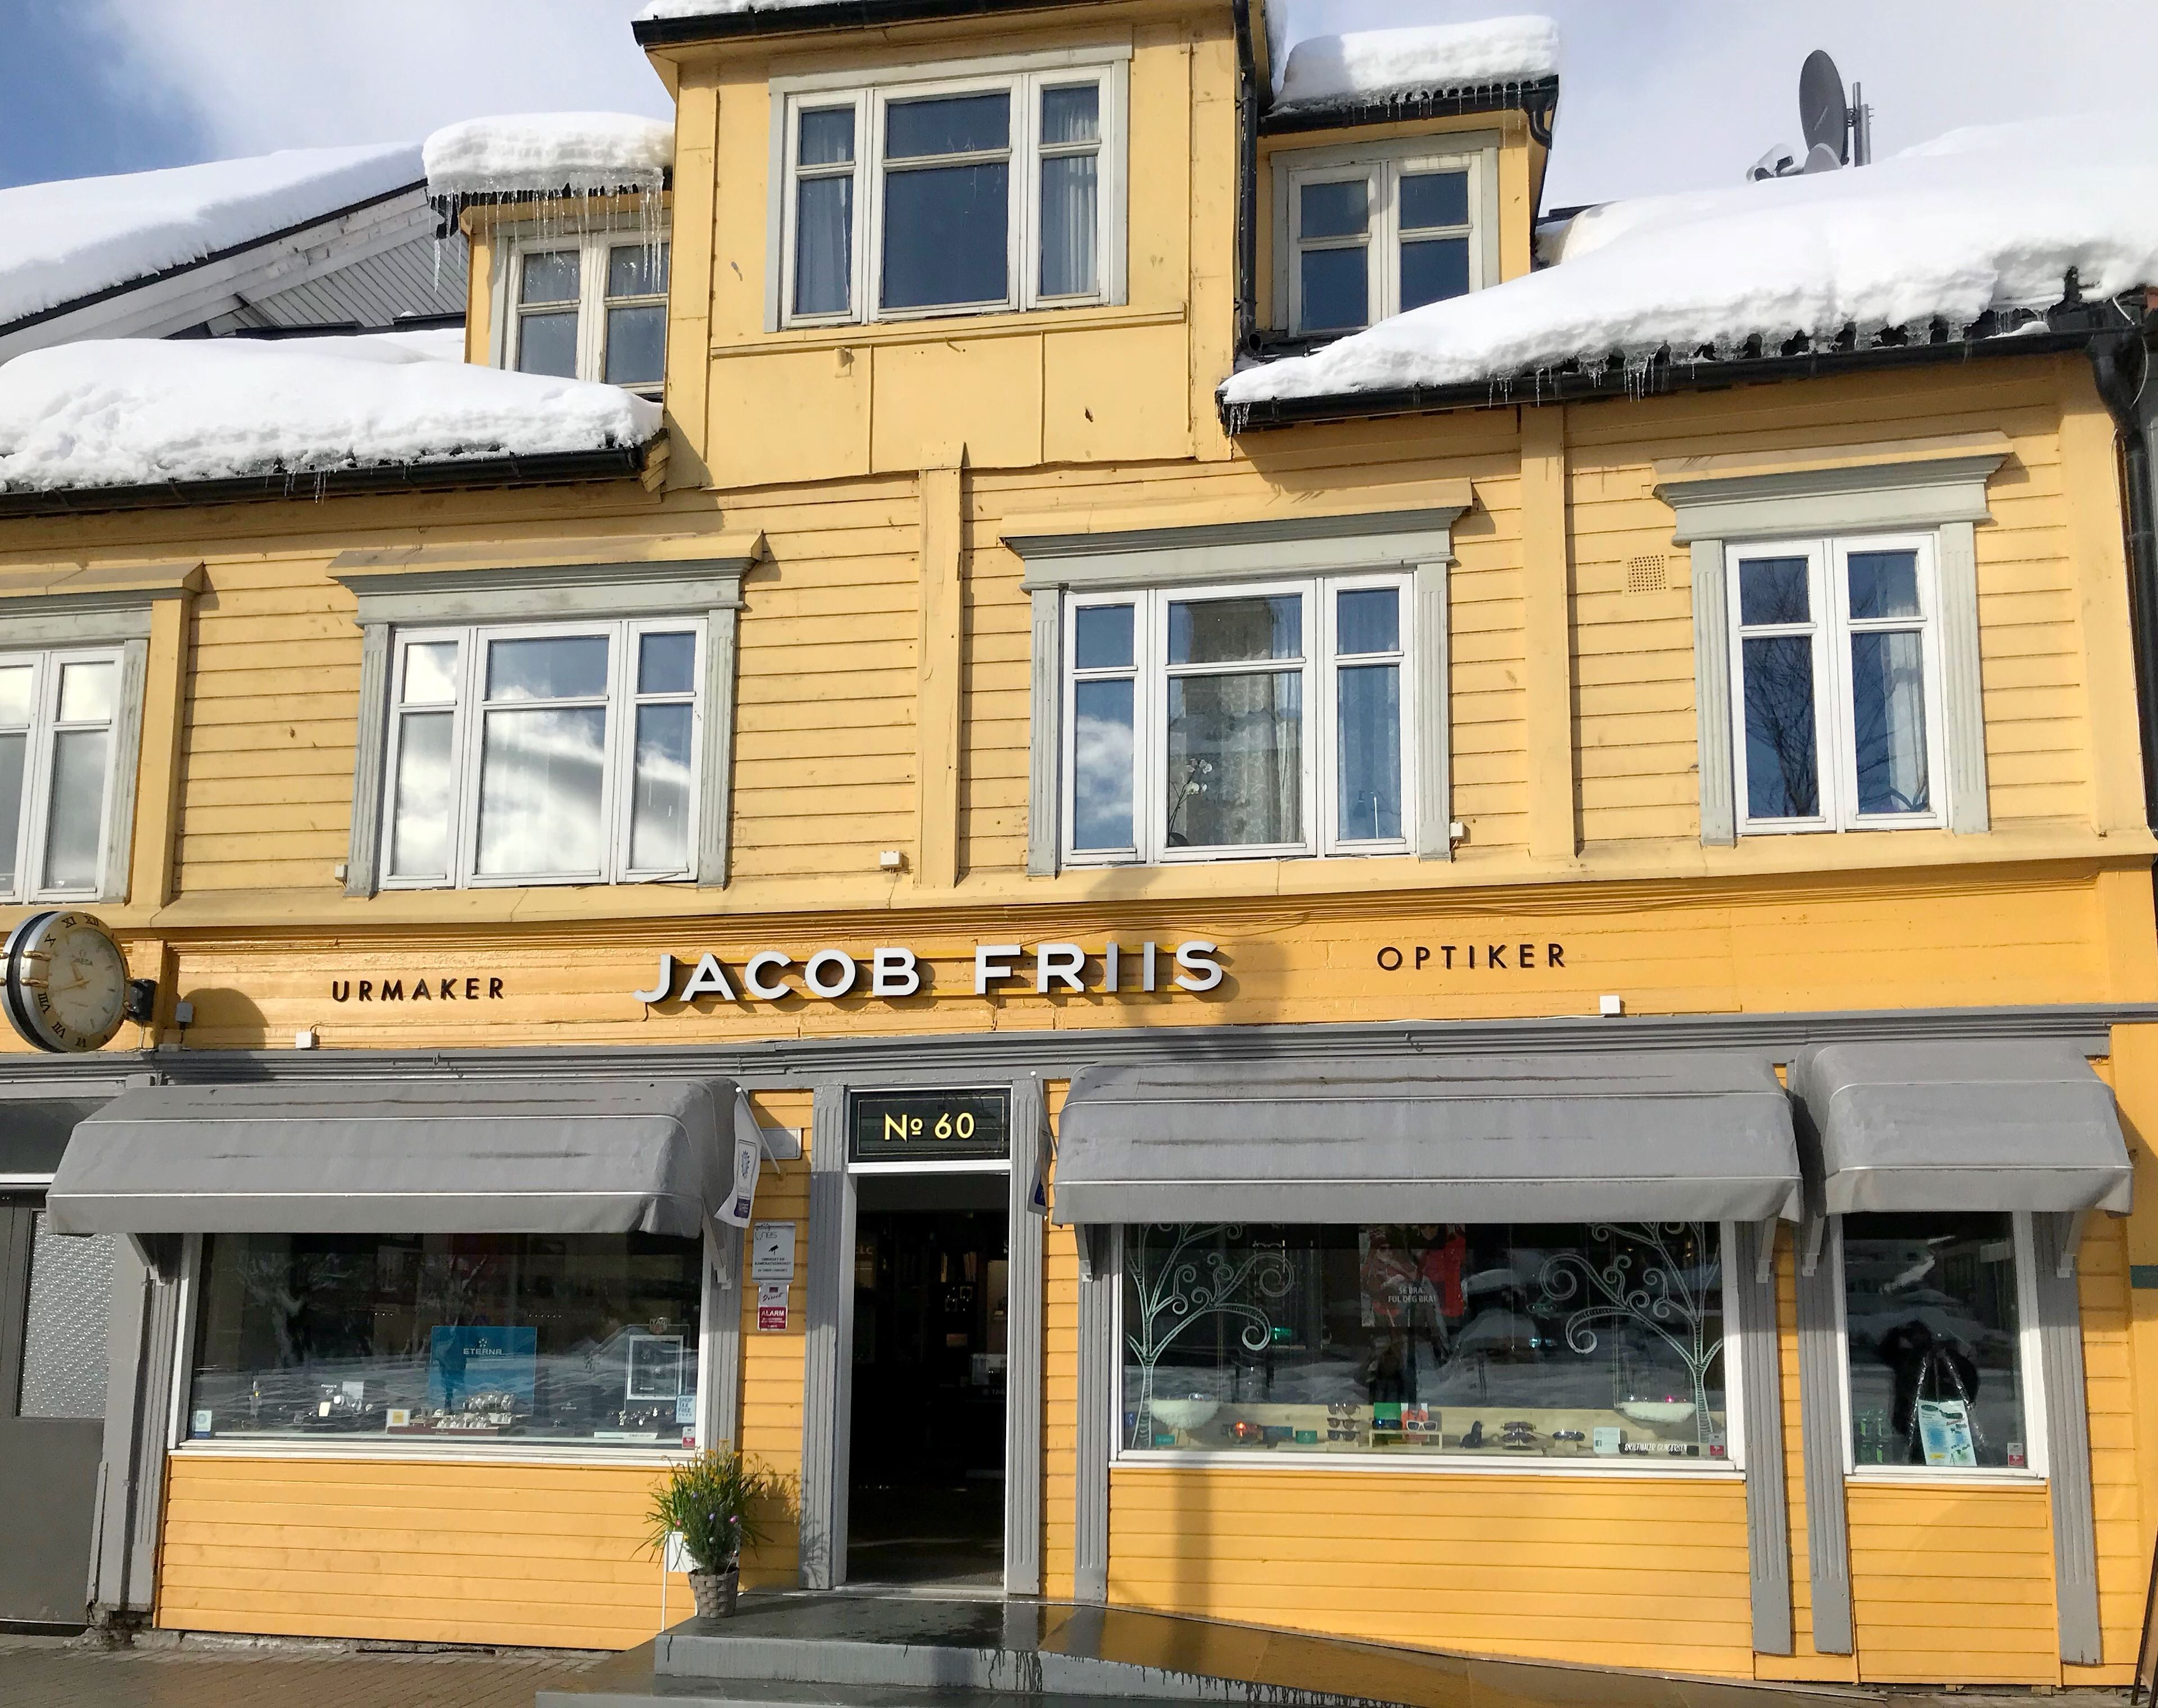 © Jacob Friis urmaker og optiker, Jakob Friis urmaker og optiker